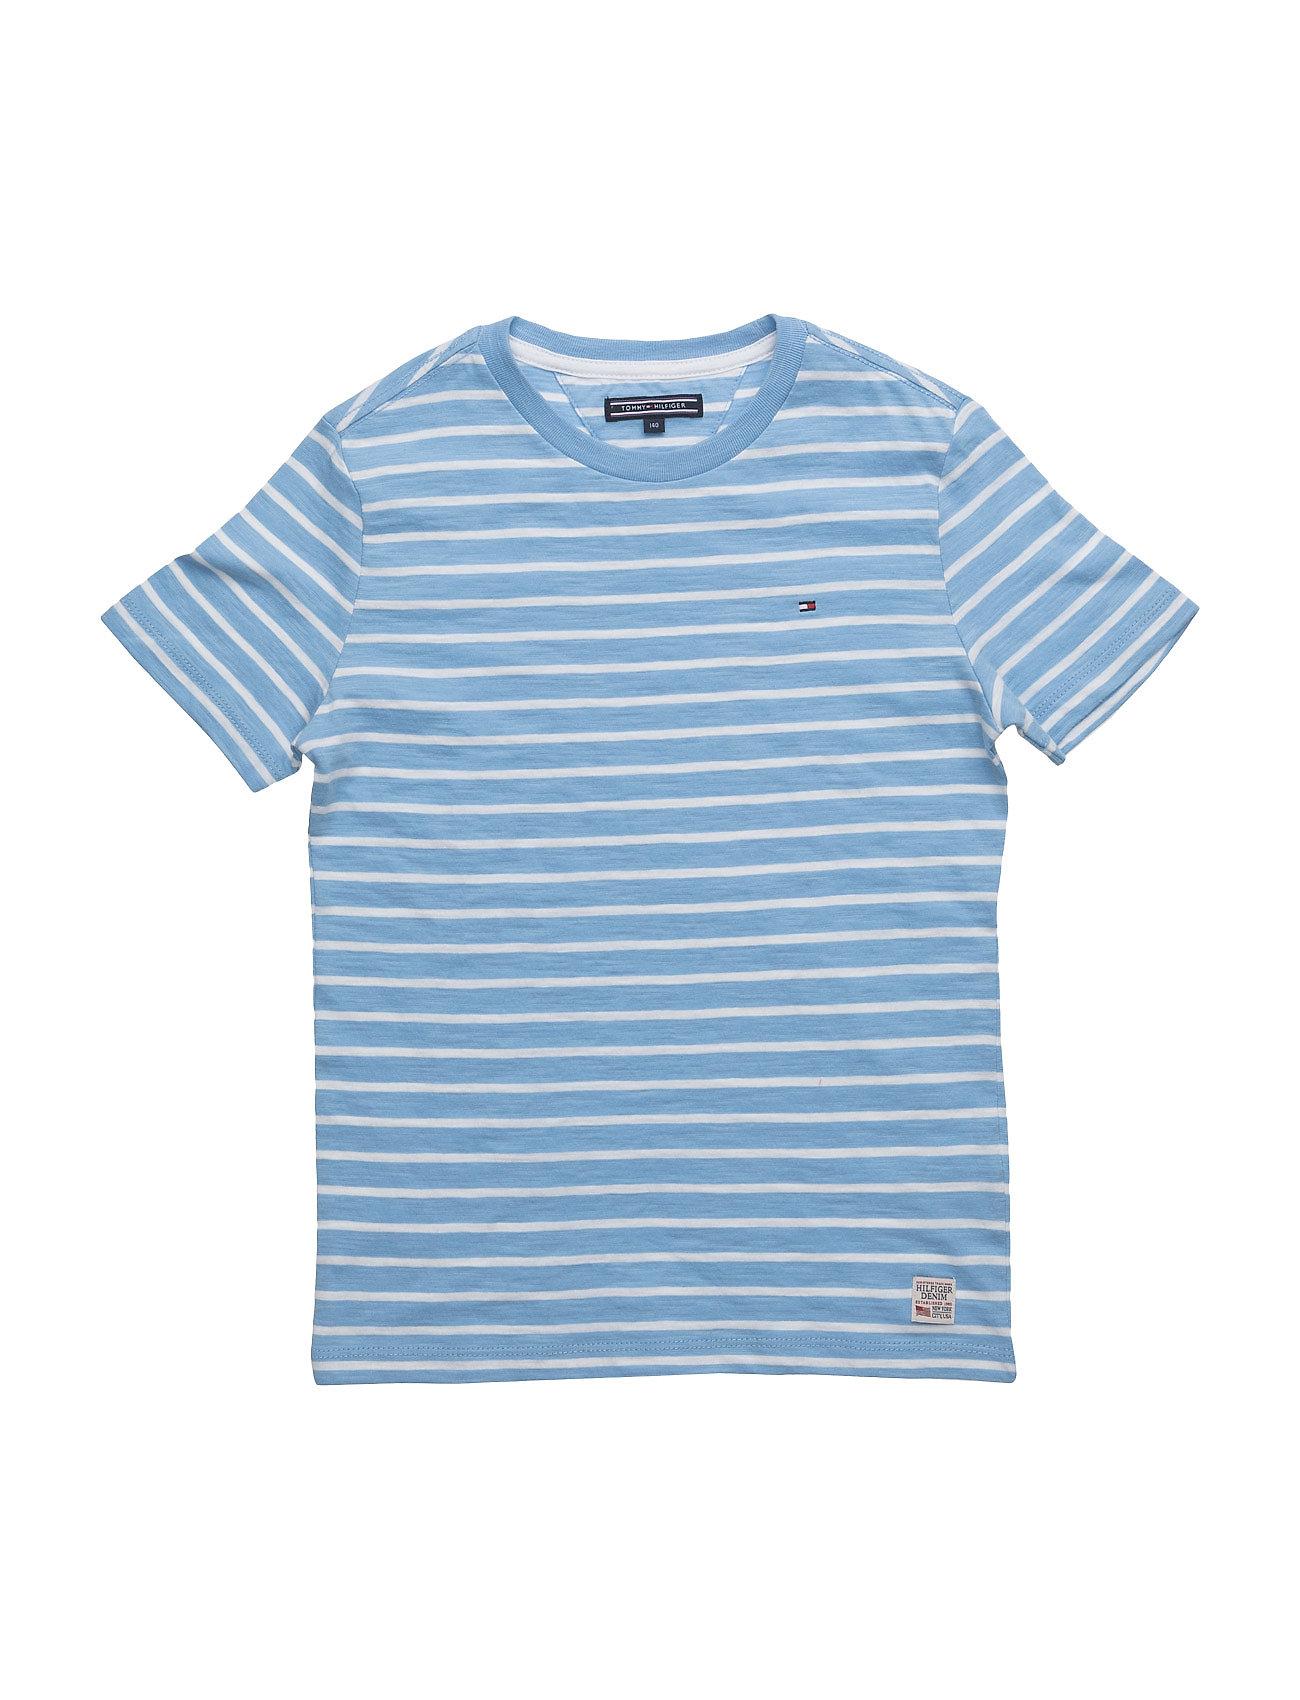 Ame Bicolor Stripe Cn Tee S/S Tommy Hilfiger Kortærmede t-shirts til Børn i Blå